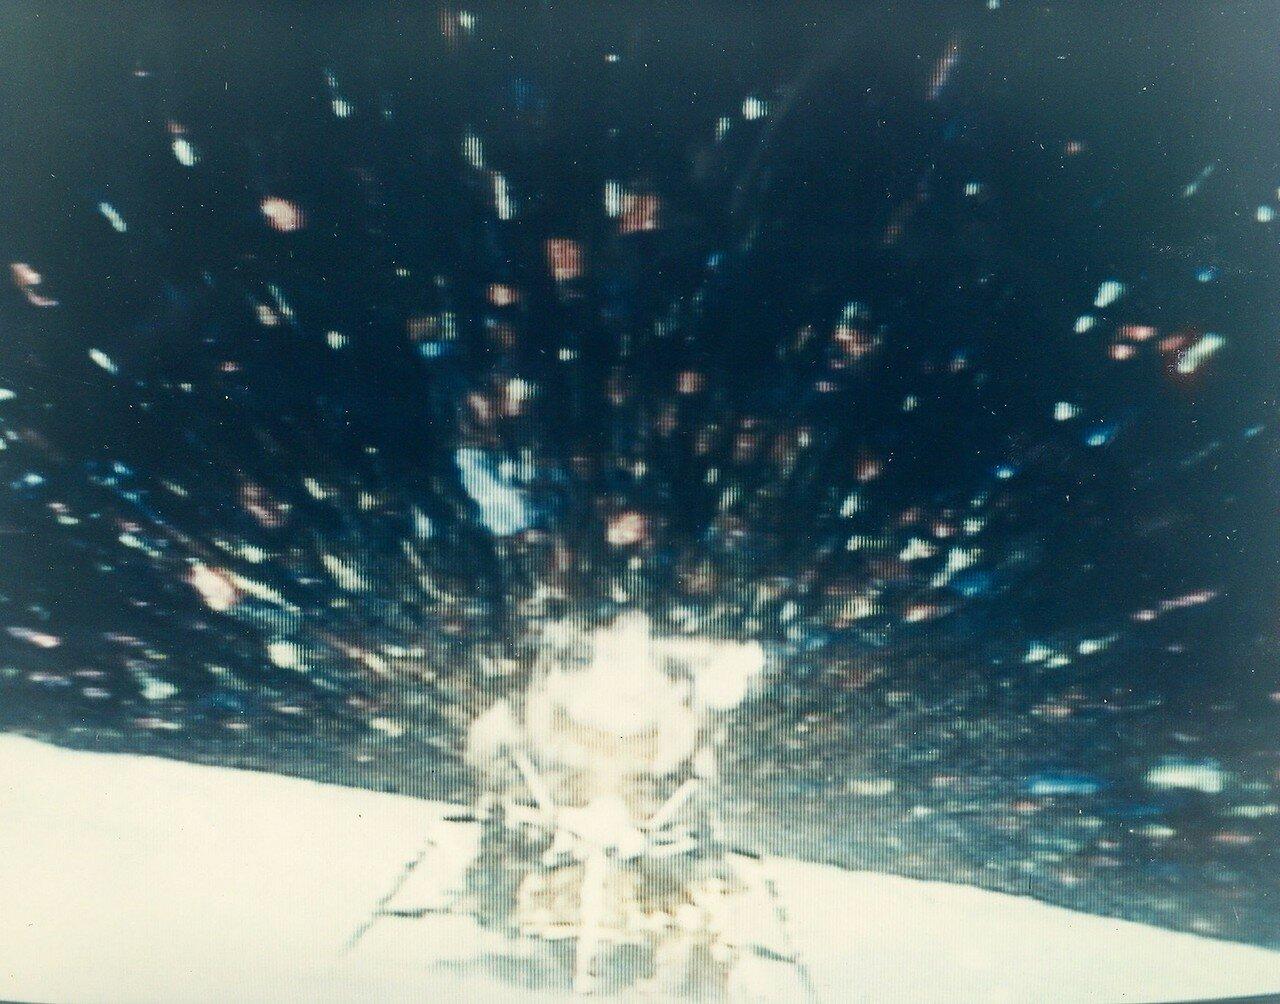 Зажигание основного двигателя взлётной ступени «Ориона» было включено в 175 часов 31 минуту 47,9 секунды полётного времени (01:25:47 UTC 24 апреля). На снимке: старт ЛМ